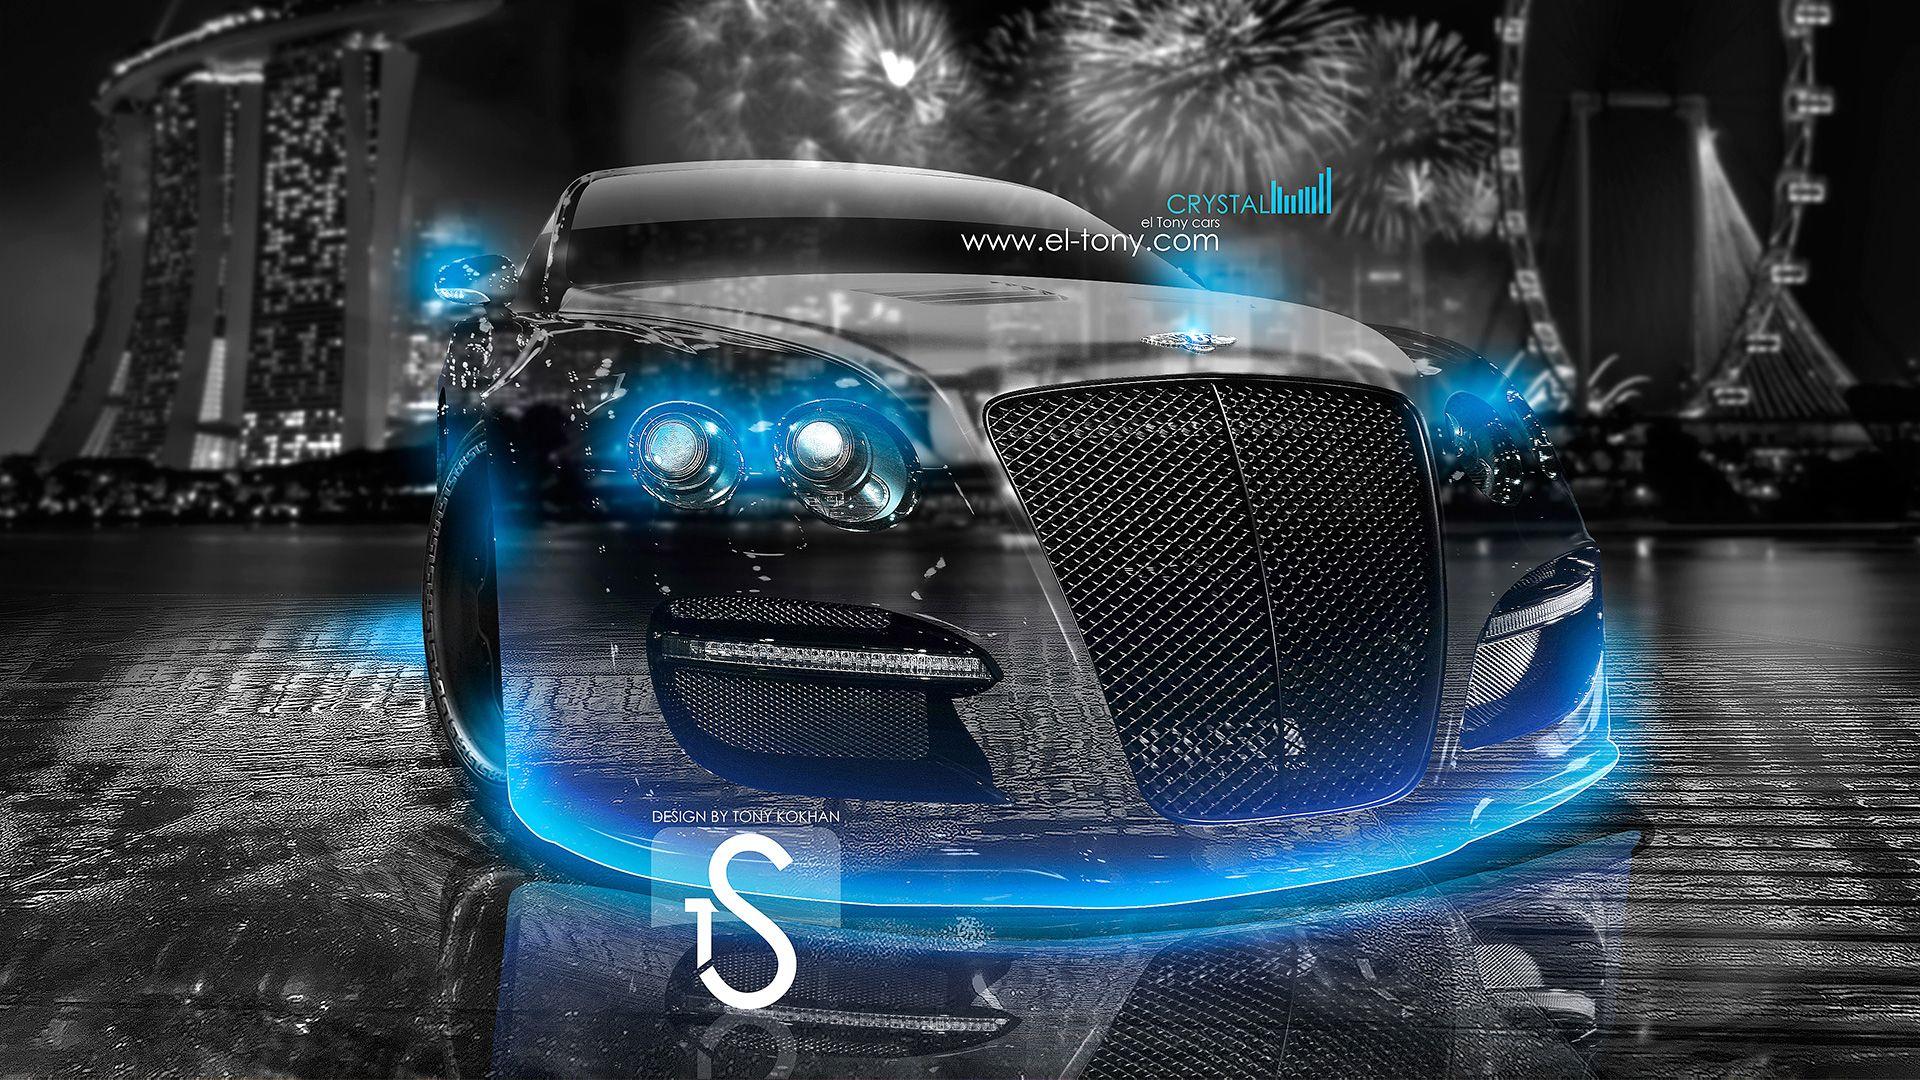 Great Bentley Crystal City Car 2013 | El Tony